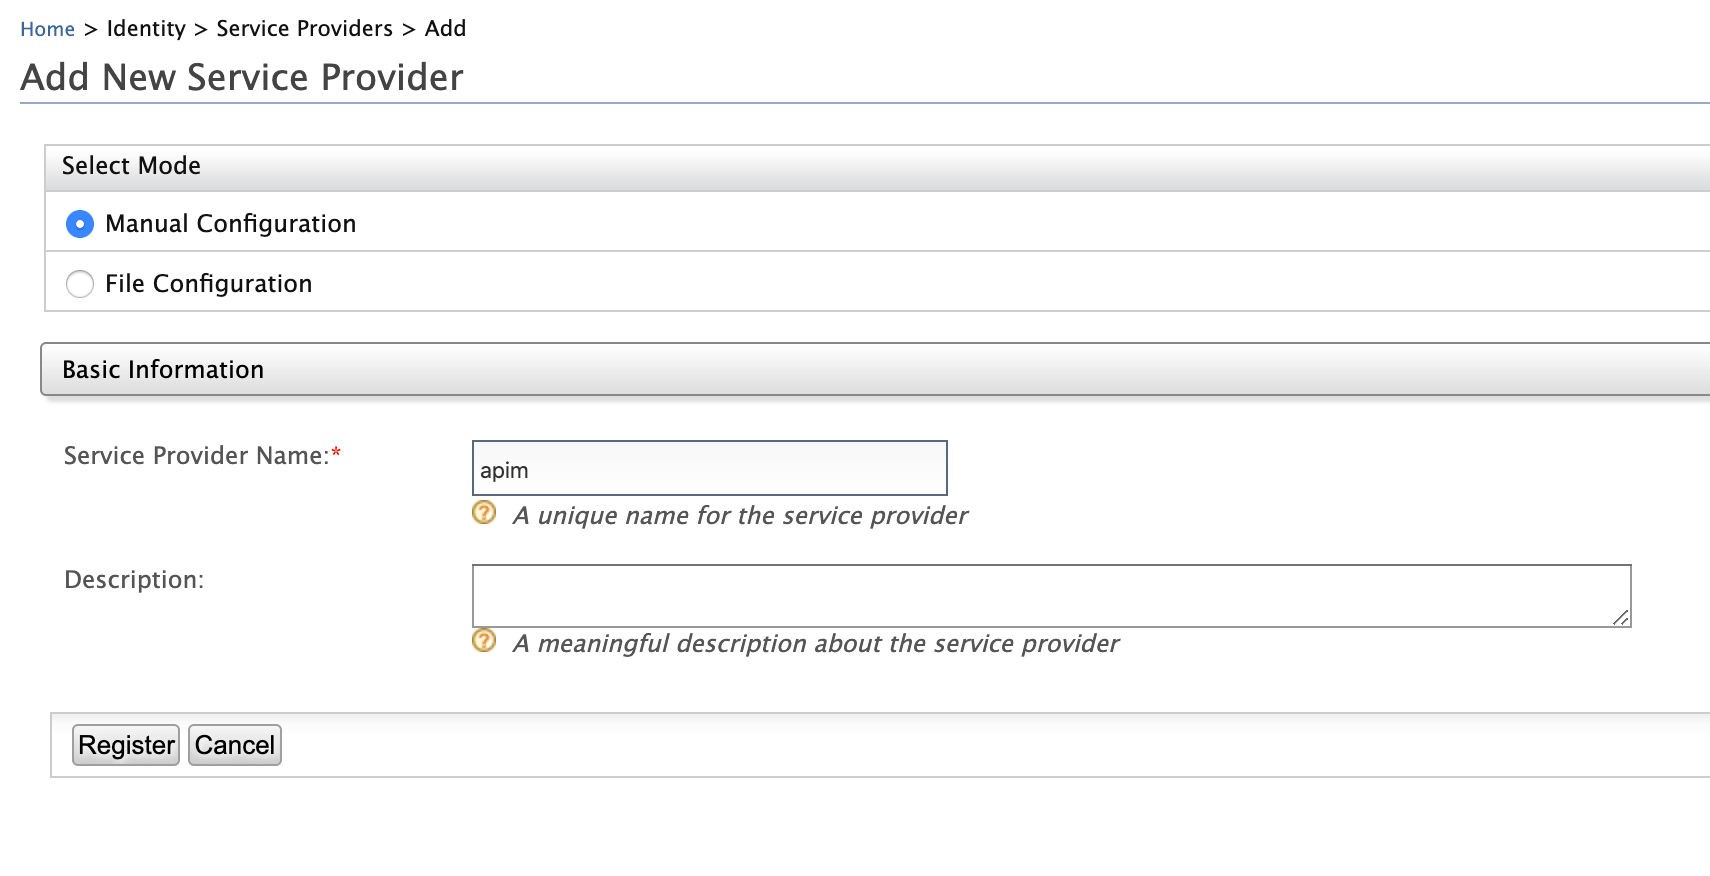 Service Provider name